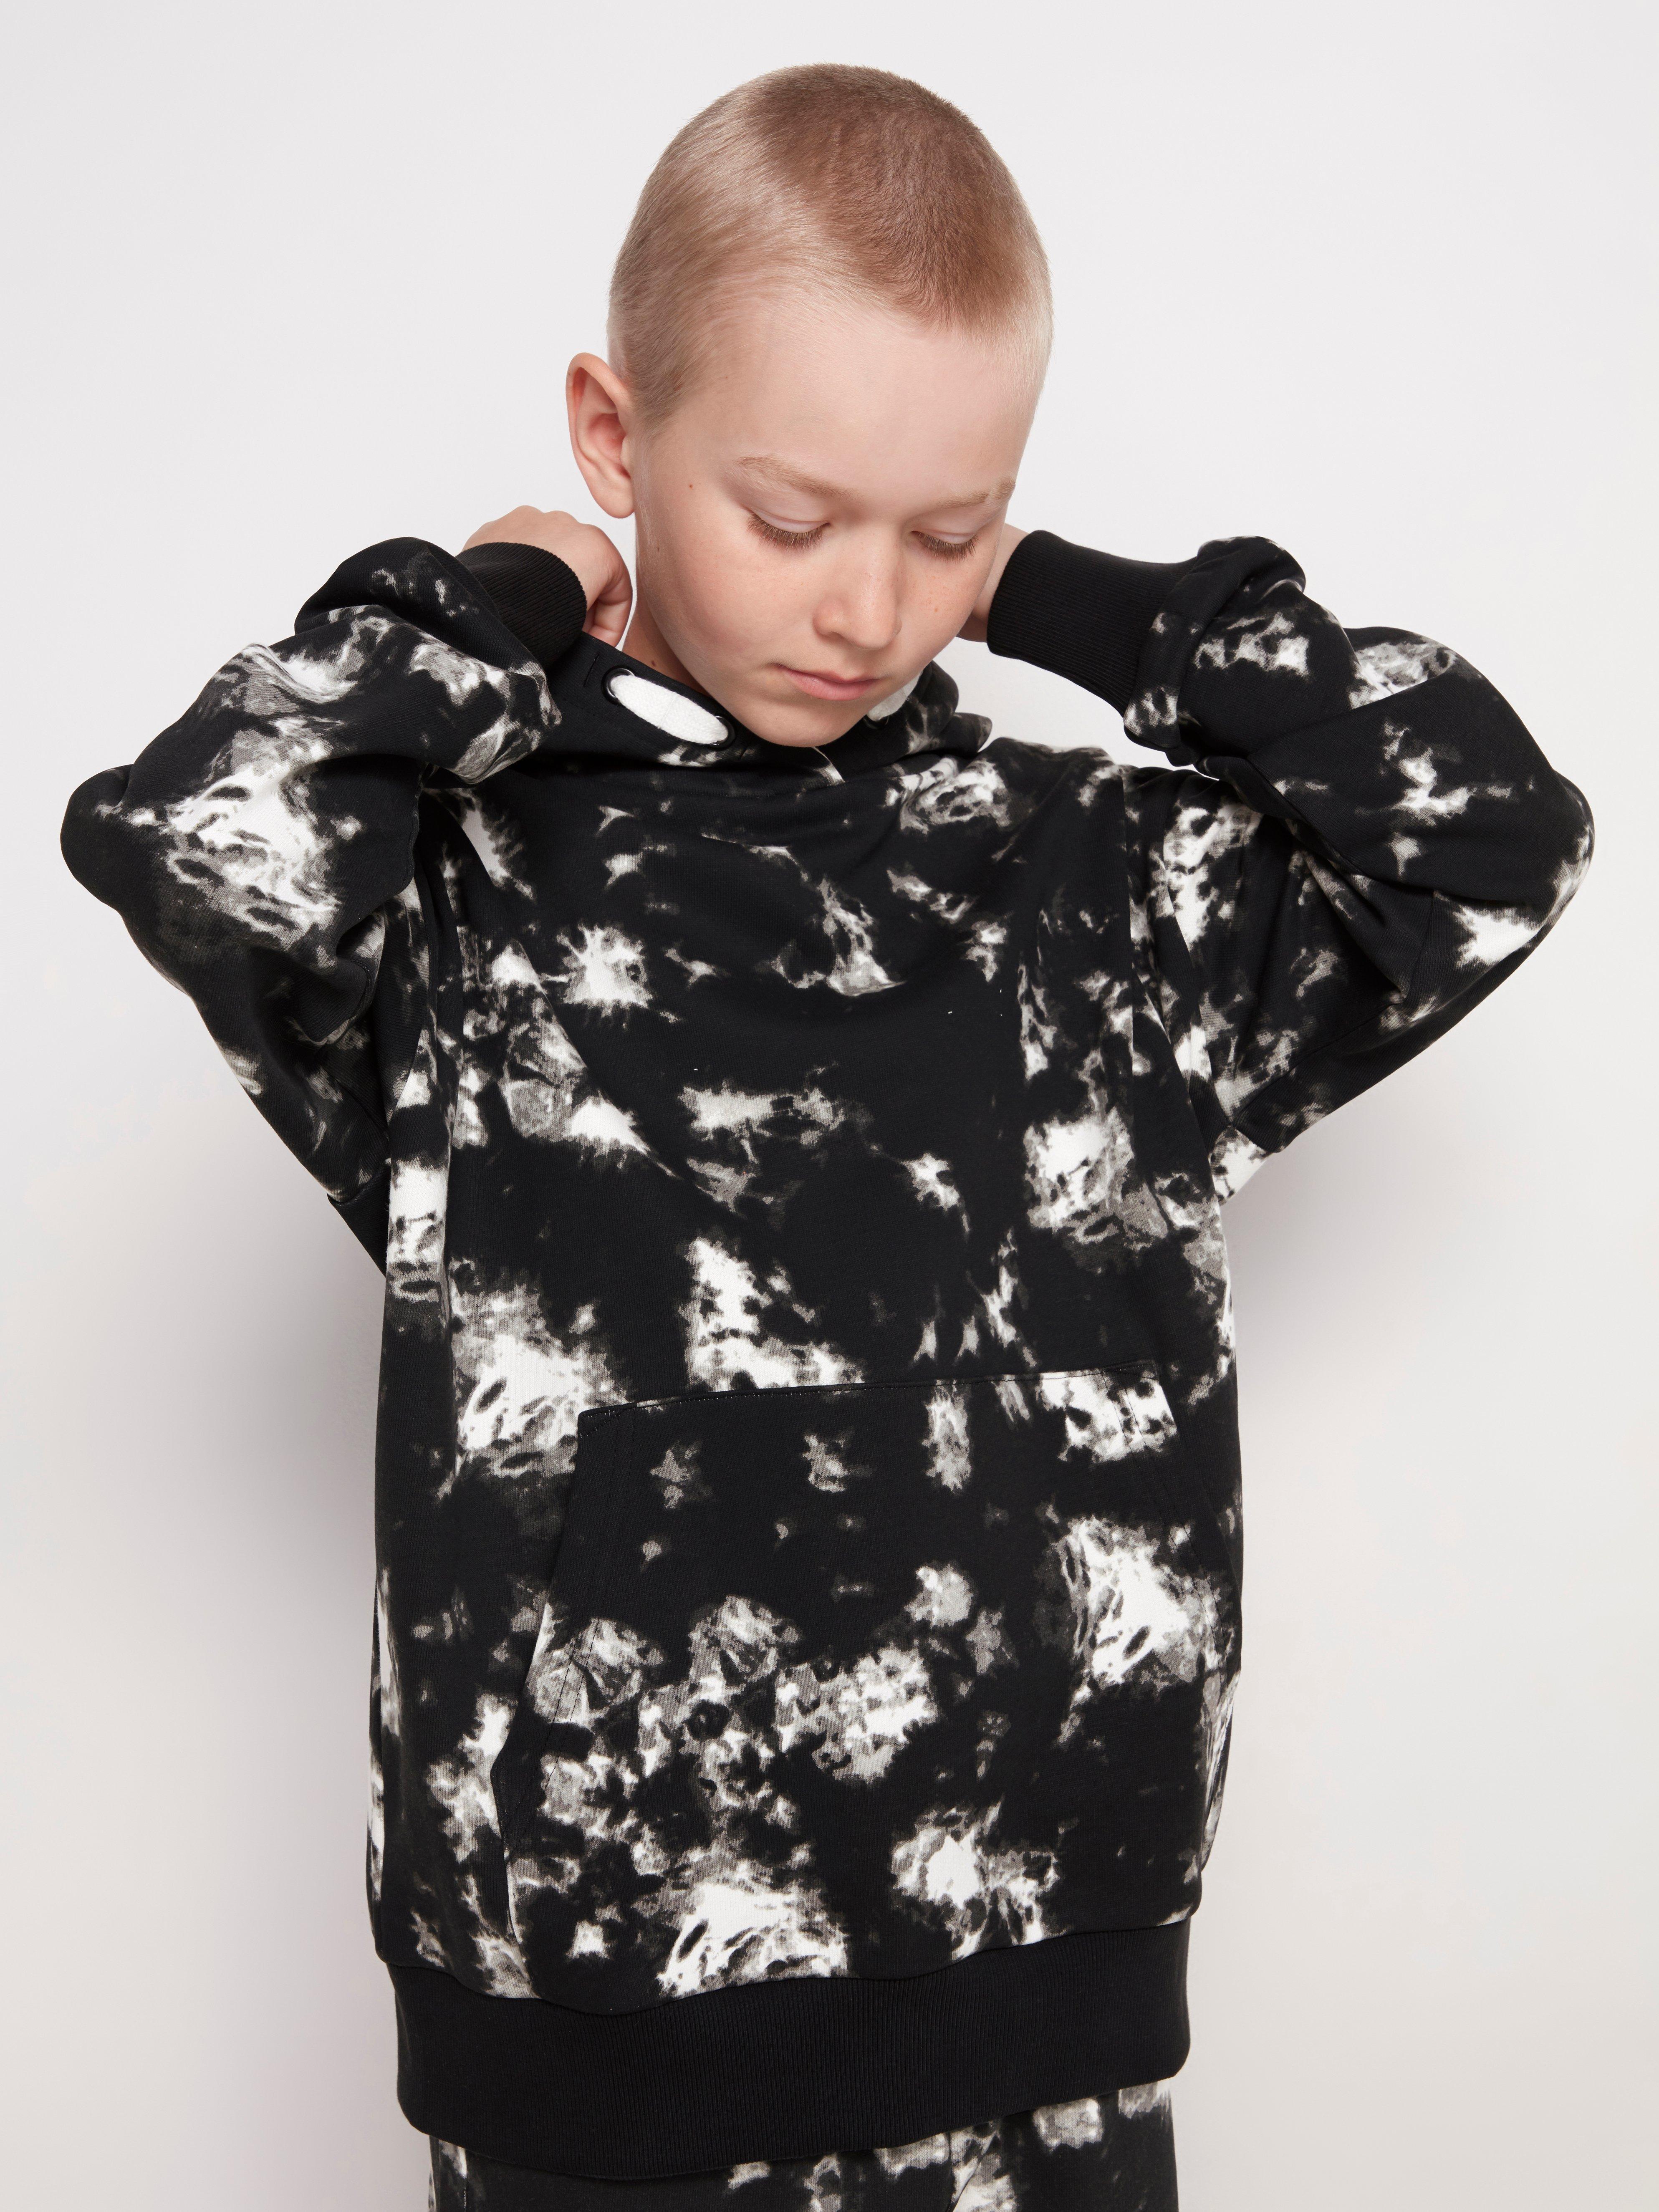 Lindex tröjor för pojkar du kan köpa online | BarnLyan.se